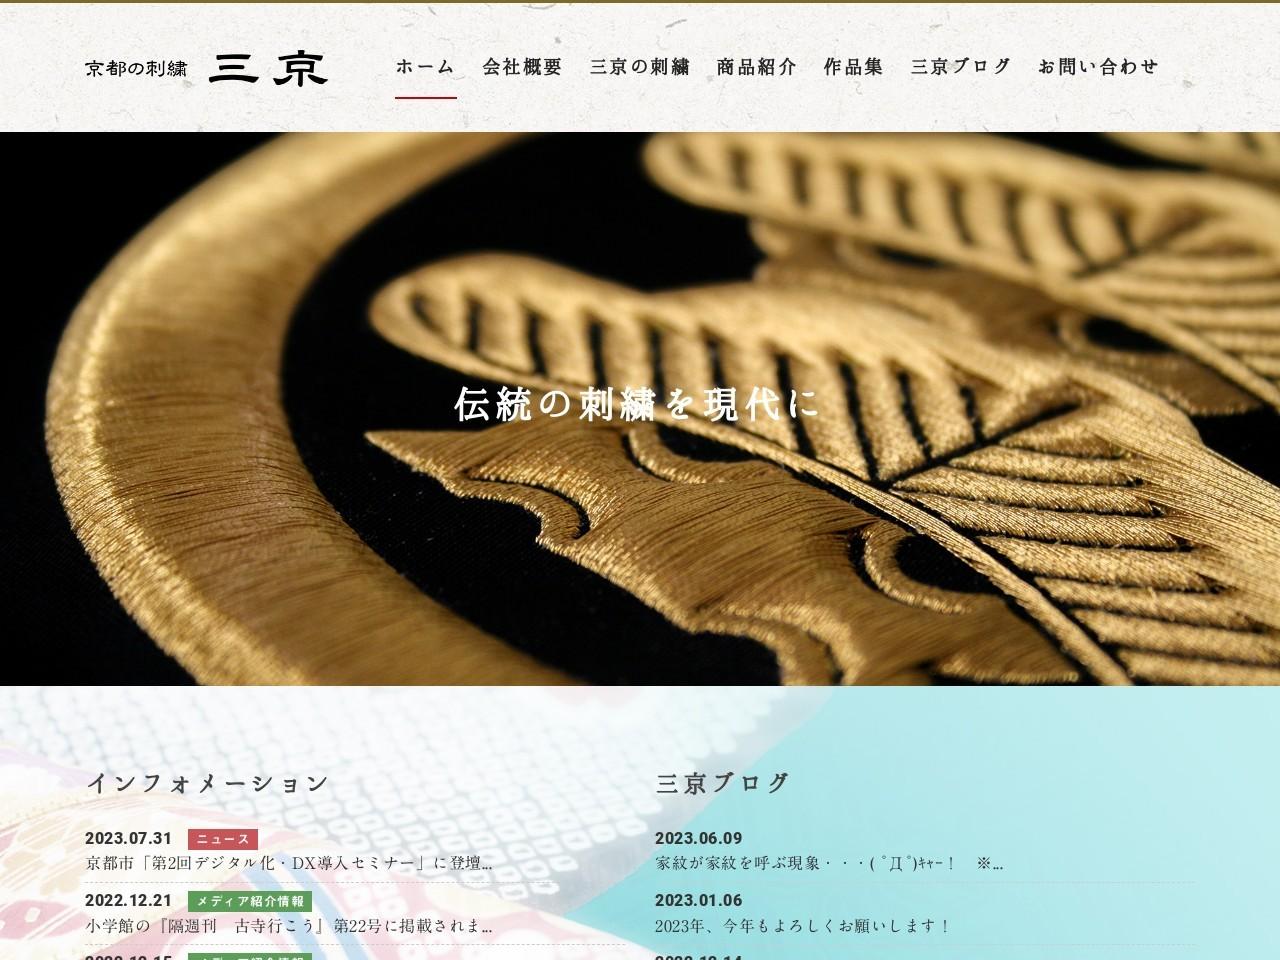 【公式】ししゅうのことなら京都の刺繍 三京へ 家紋、着物 ペット刺繍